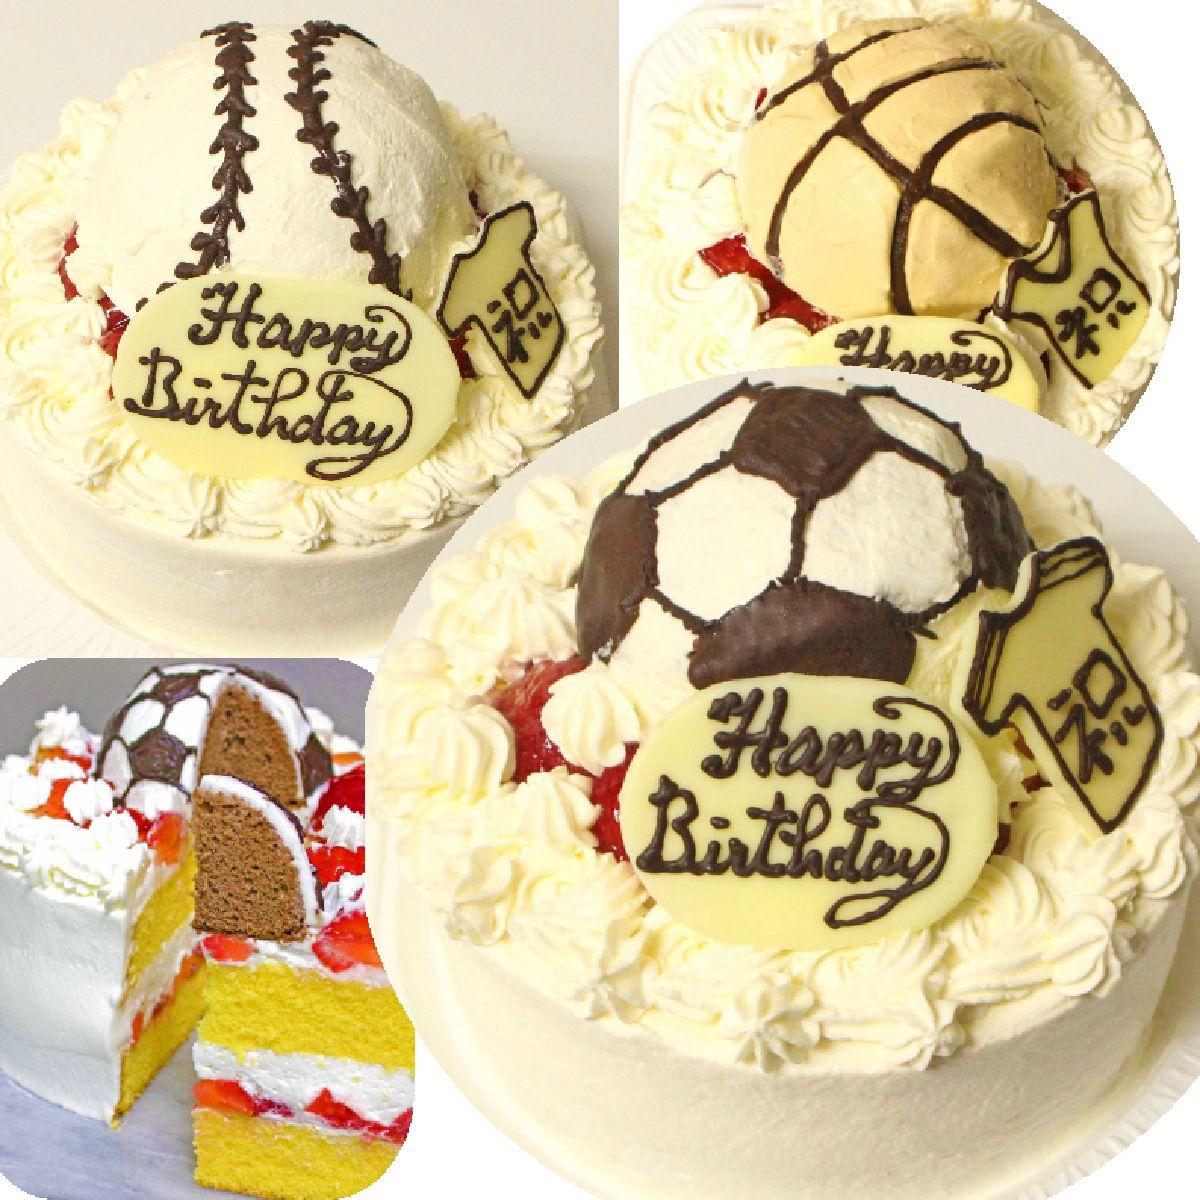 ボールケーキ7号 サッカーボールケーキ 野球ボールケーキ バスケットボールケーキ 選択 ~ フルーツケーキ いちごケーキ マンゴーケーキ 選択 ~ 立体 キャラクター 大きいサイズ デコレーションケーキ